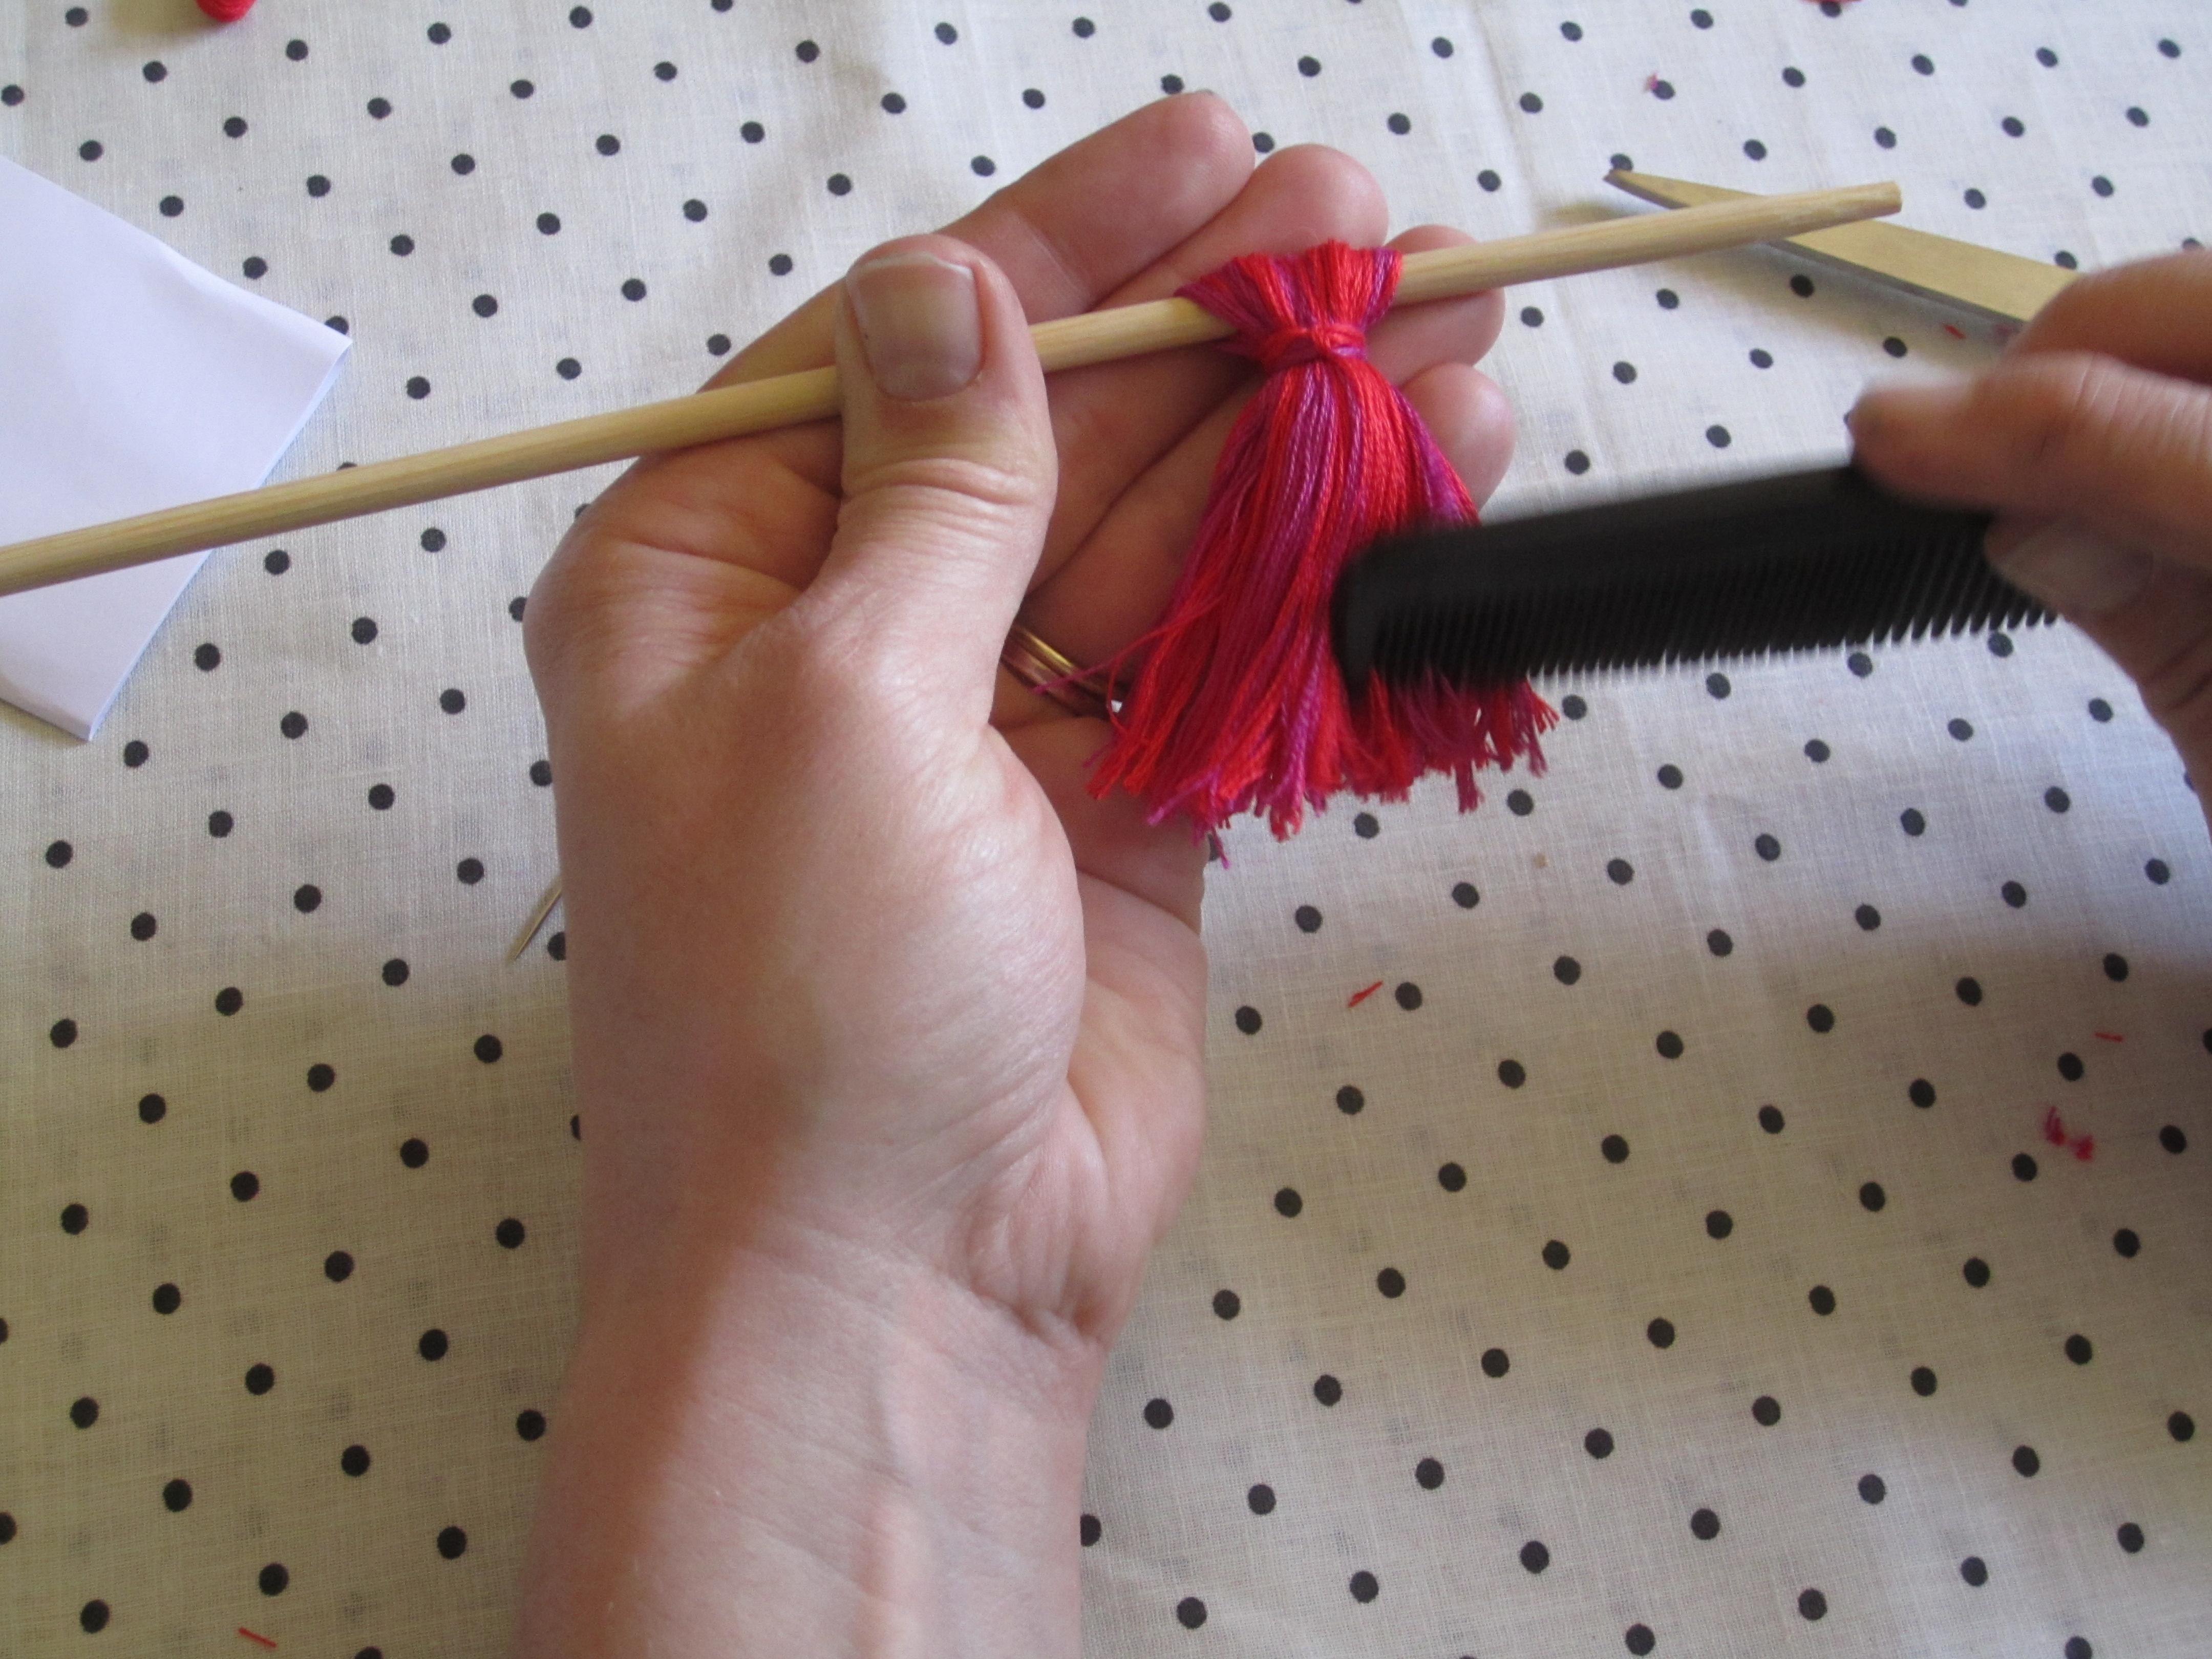 combing the tassel